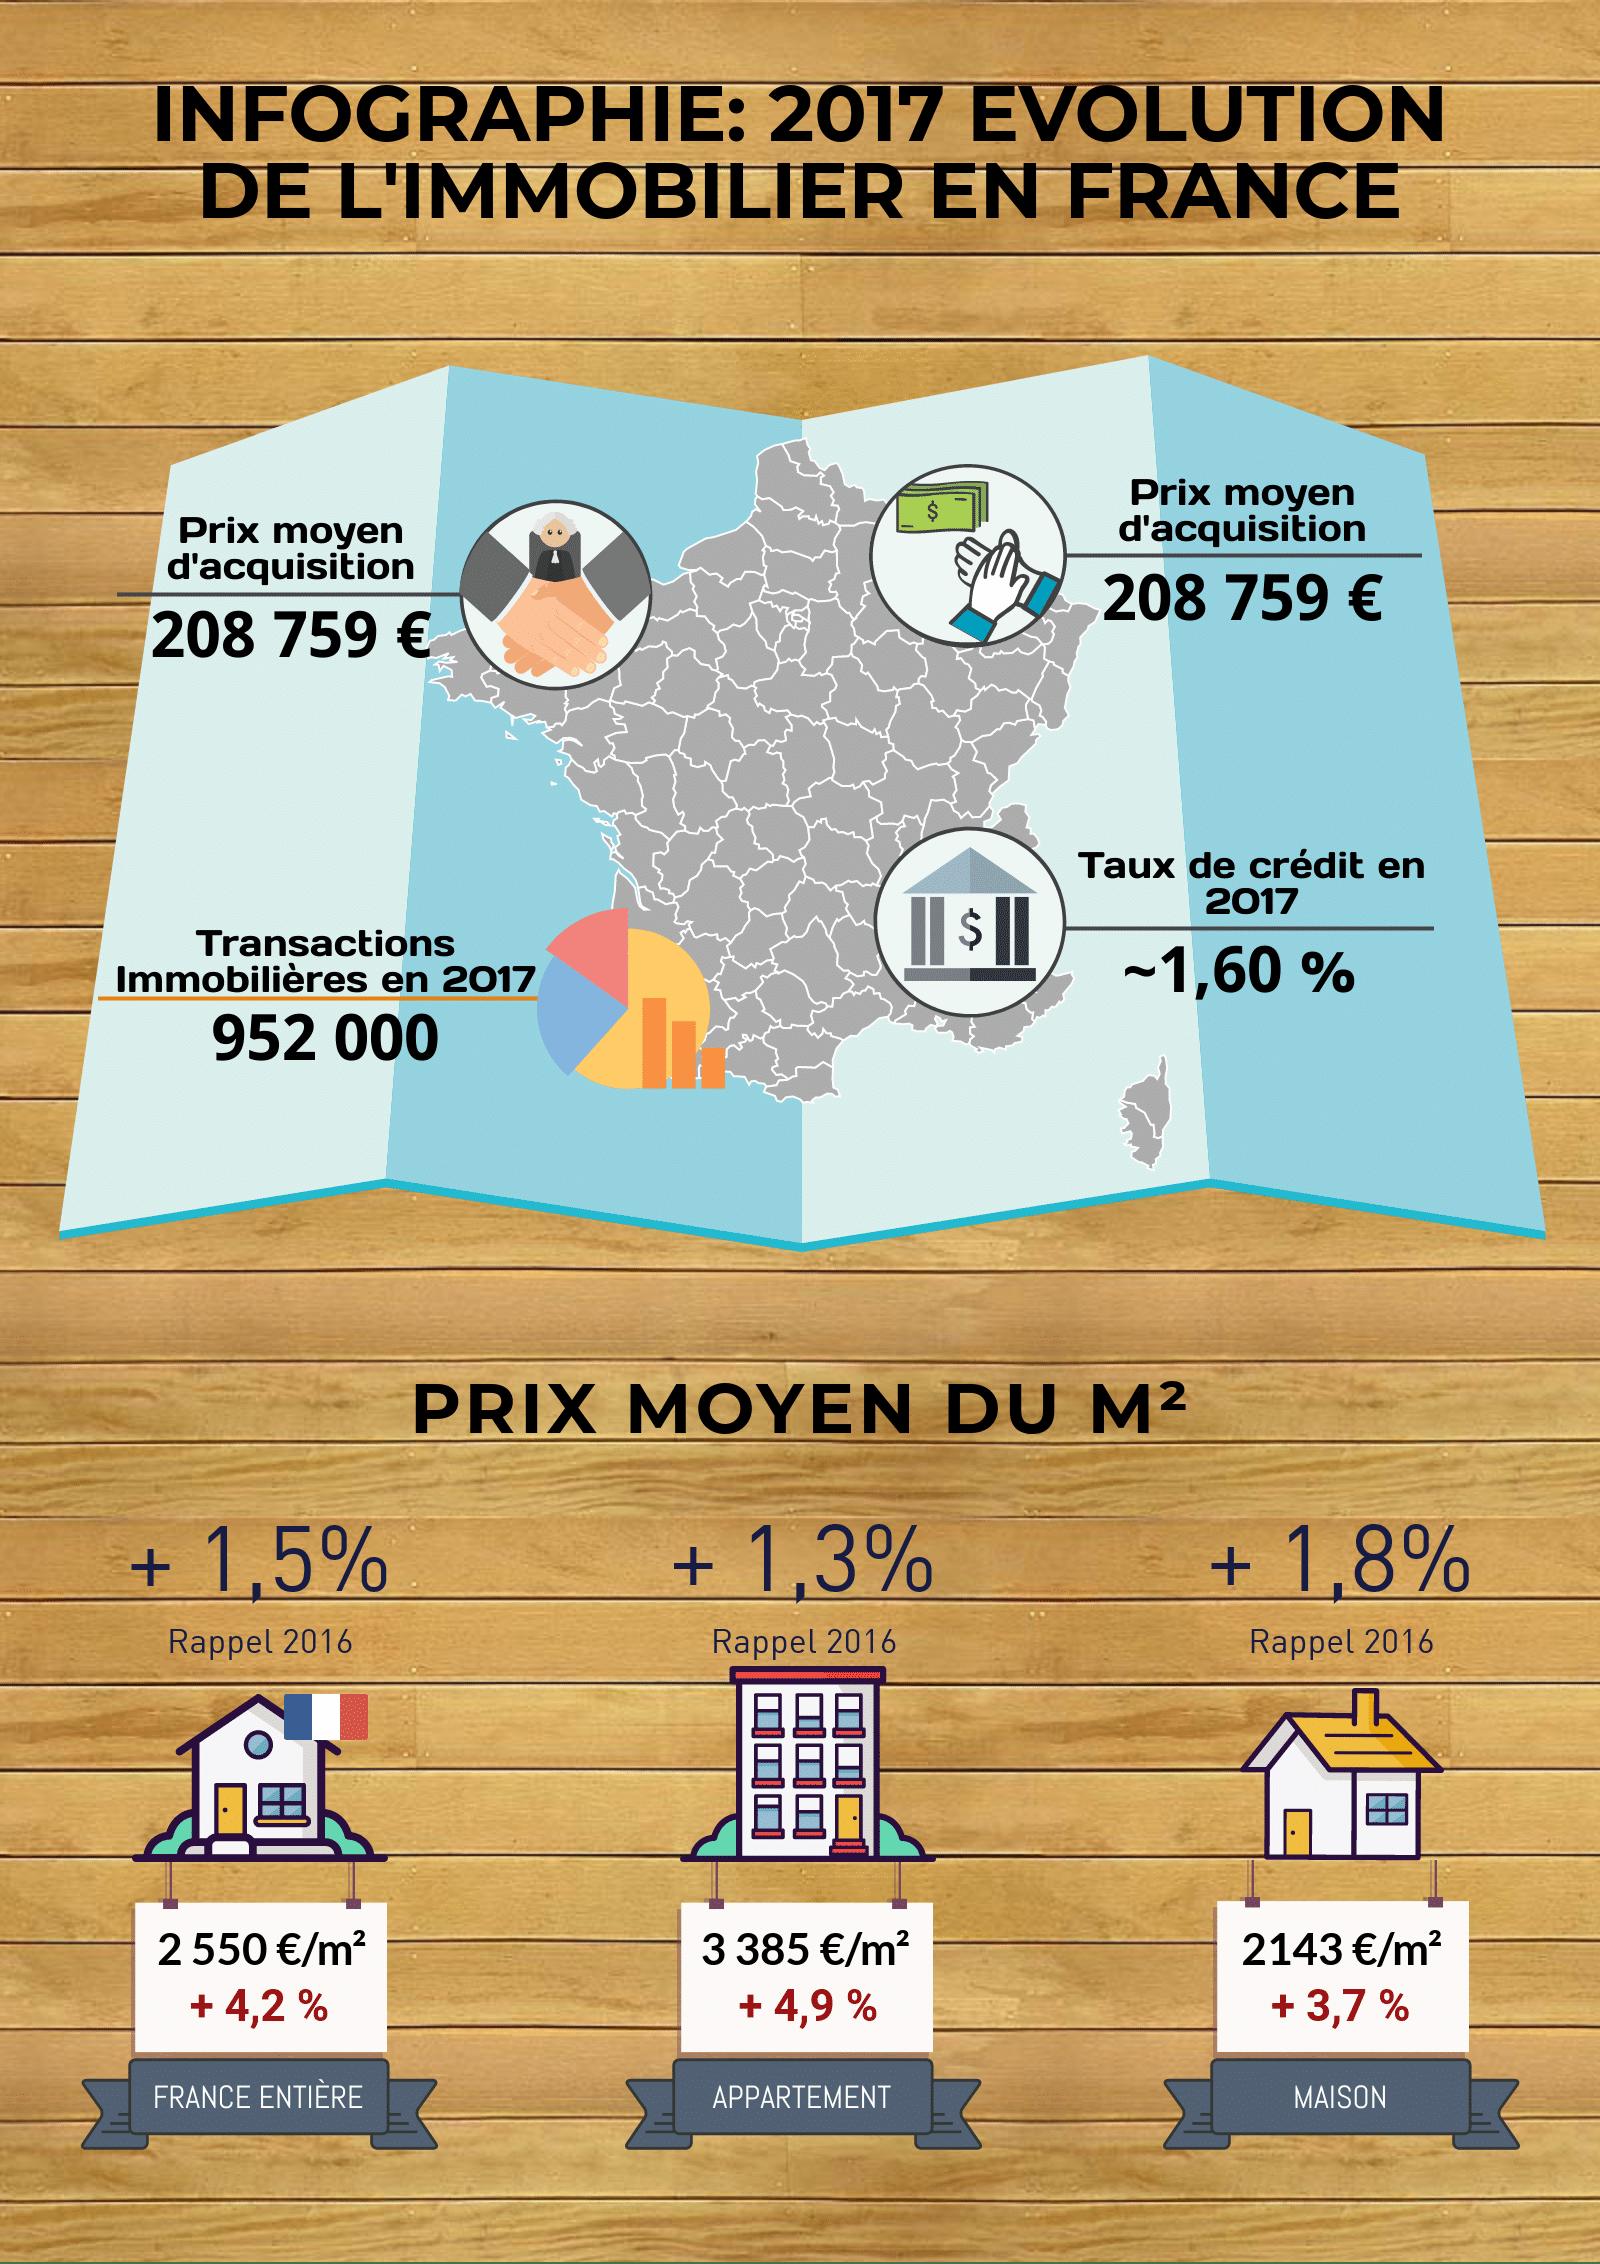 chiffres immobilier 2017 bilan année france apaprtement maison